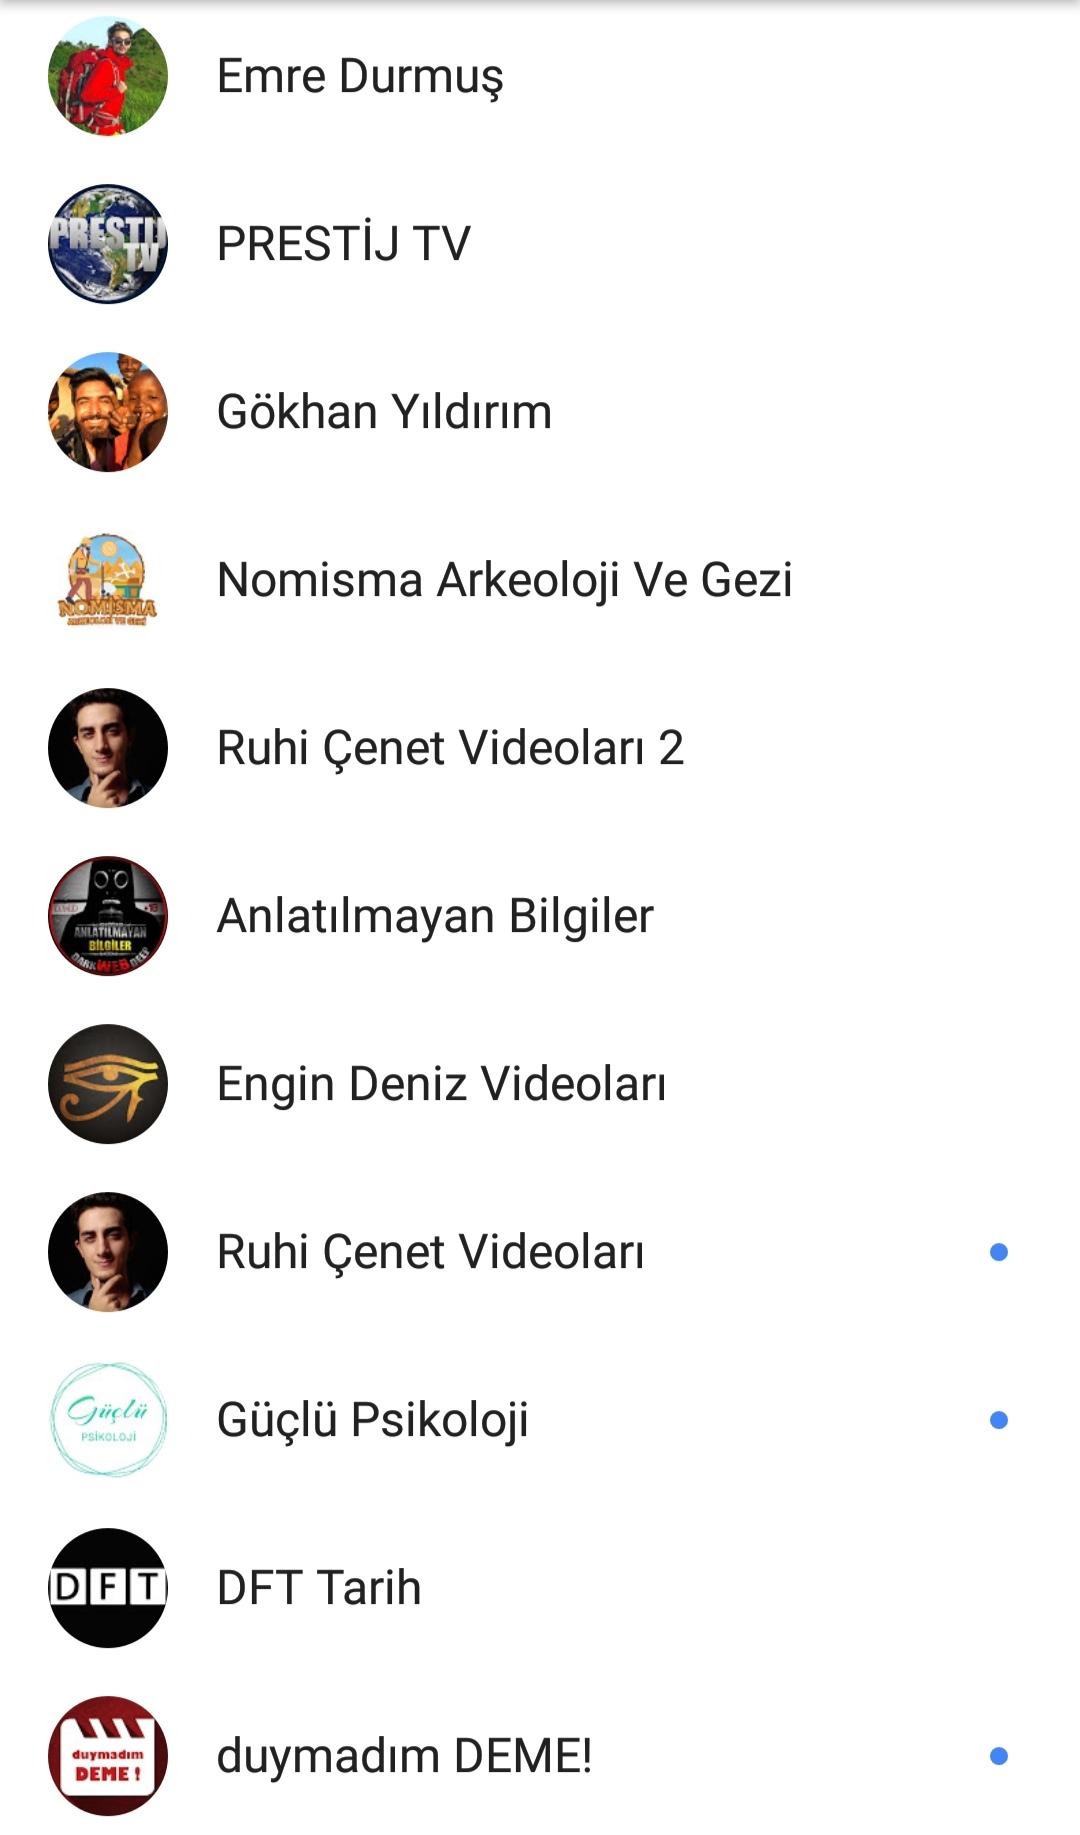 takip ettiğiniz youtube kanalları